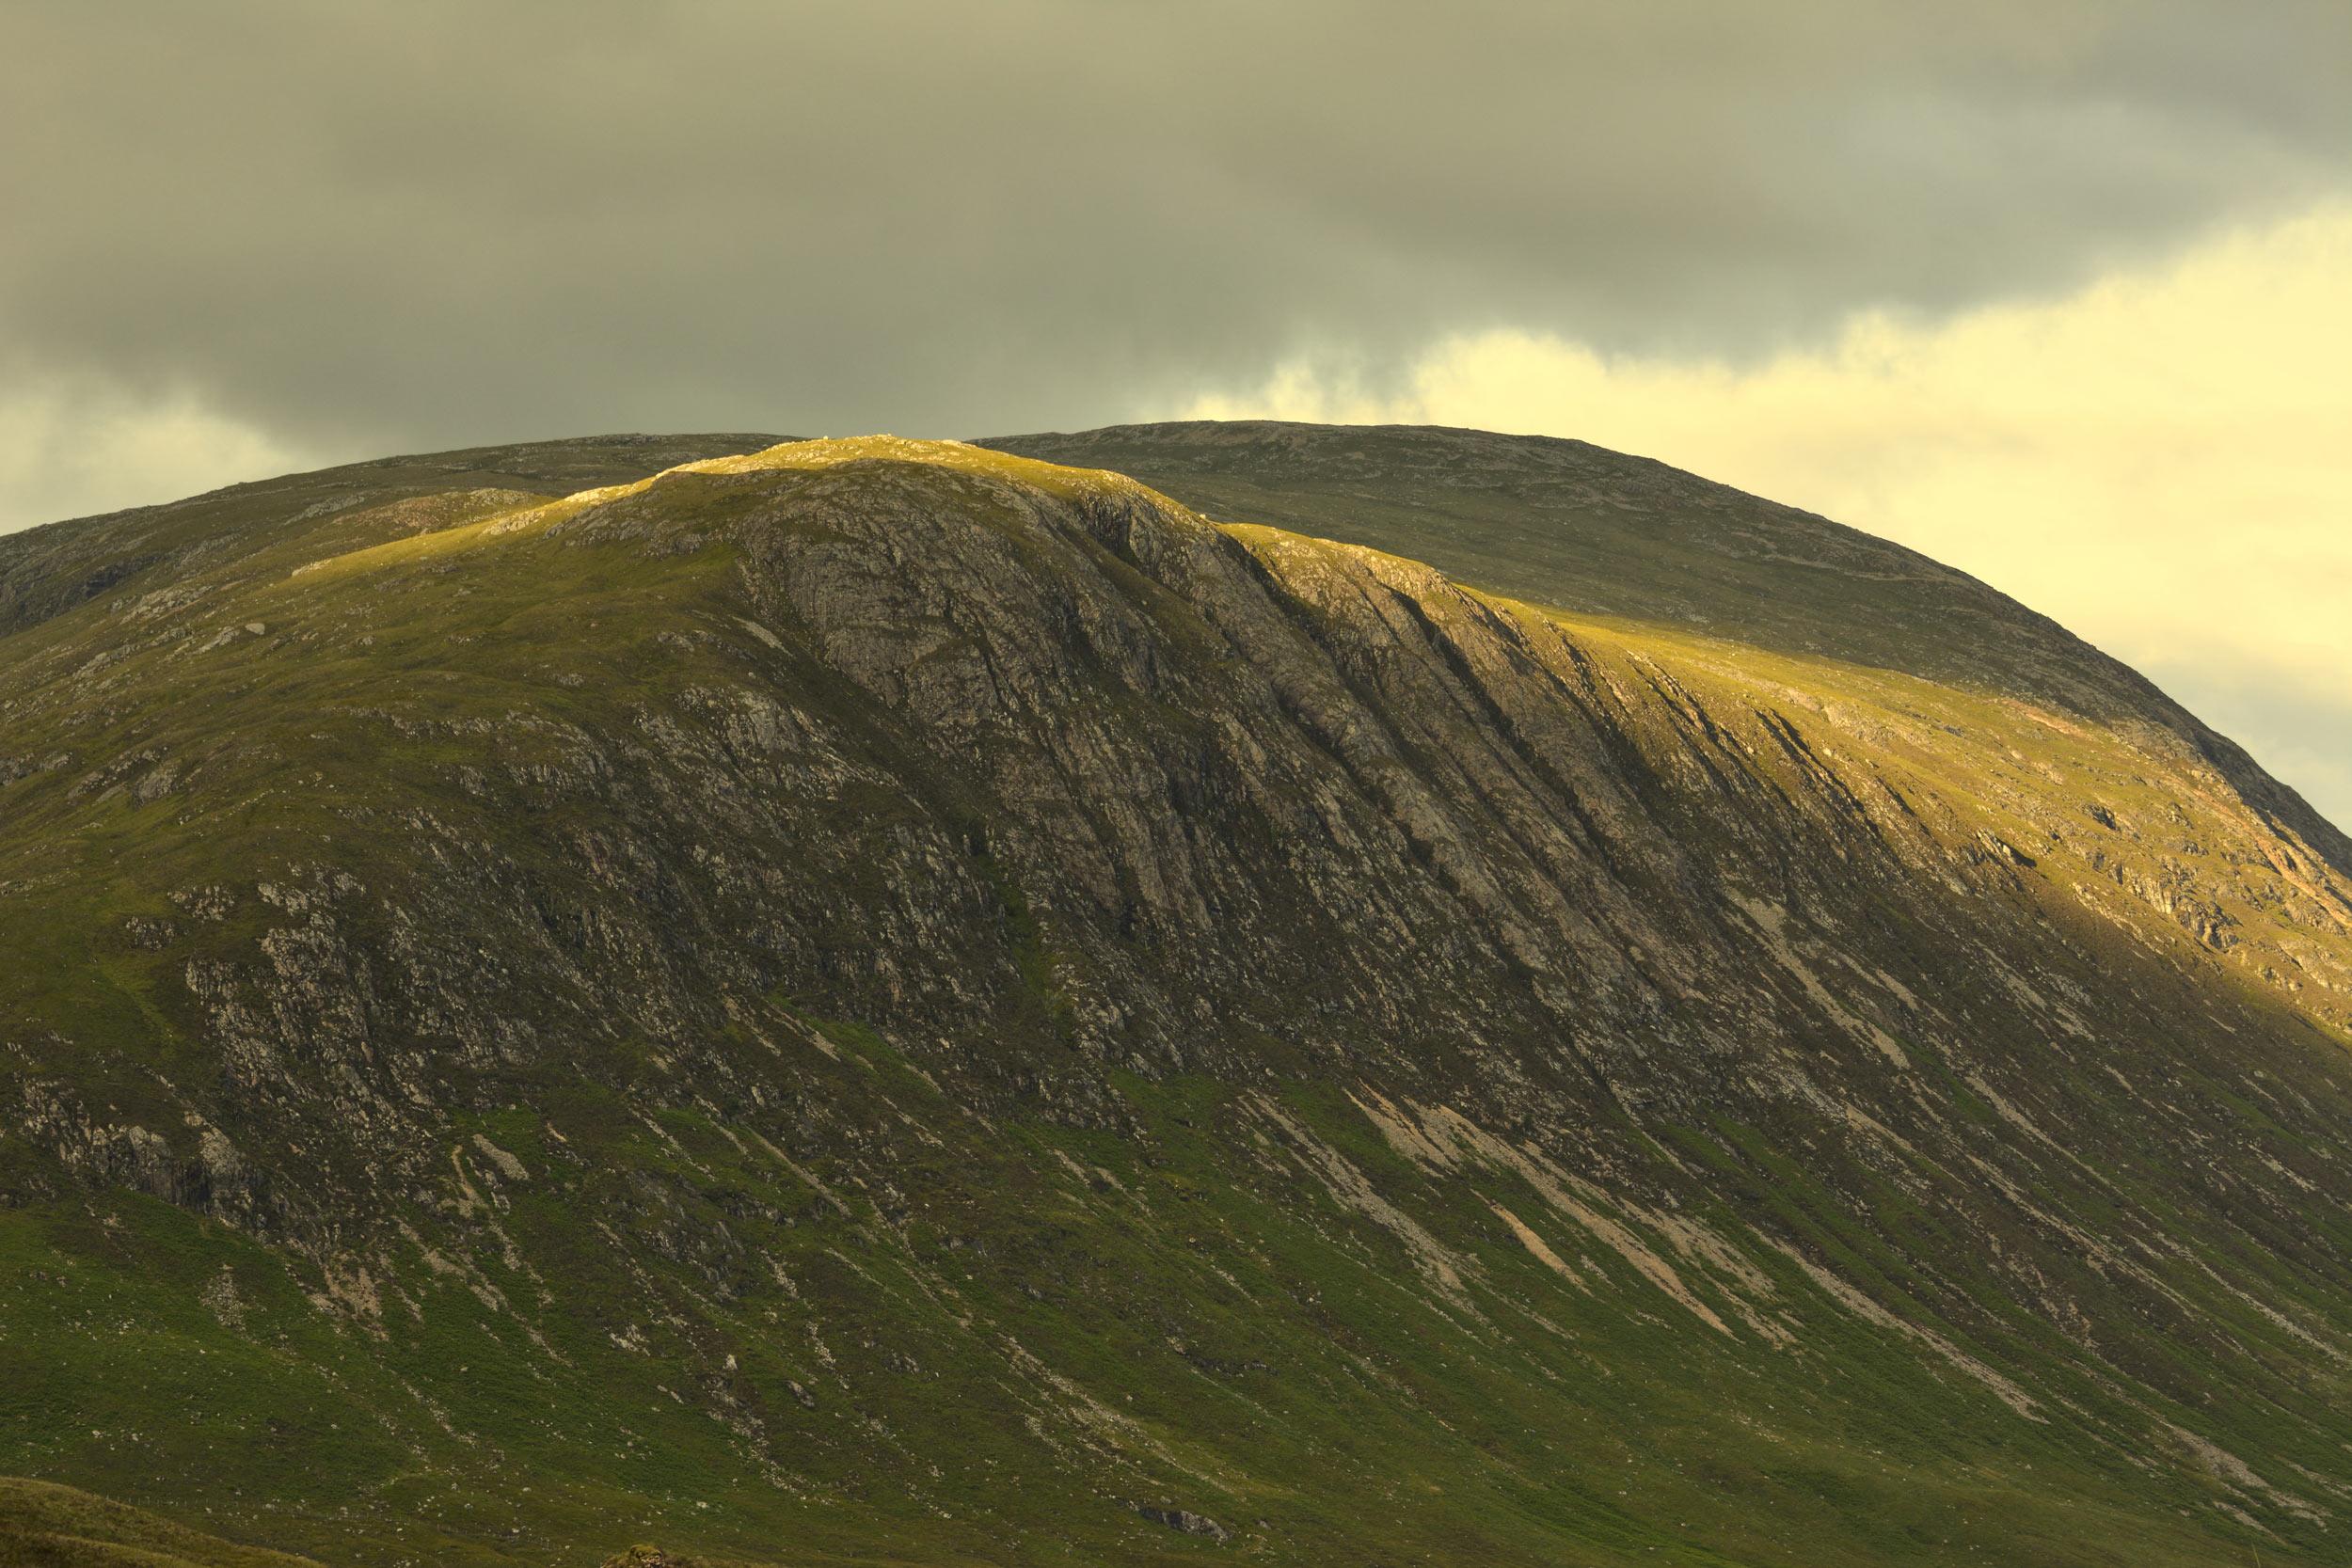 Ciemne chmury wiatr przegonił... - Rannoch Moor, Szkocja, UK